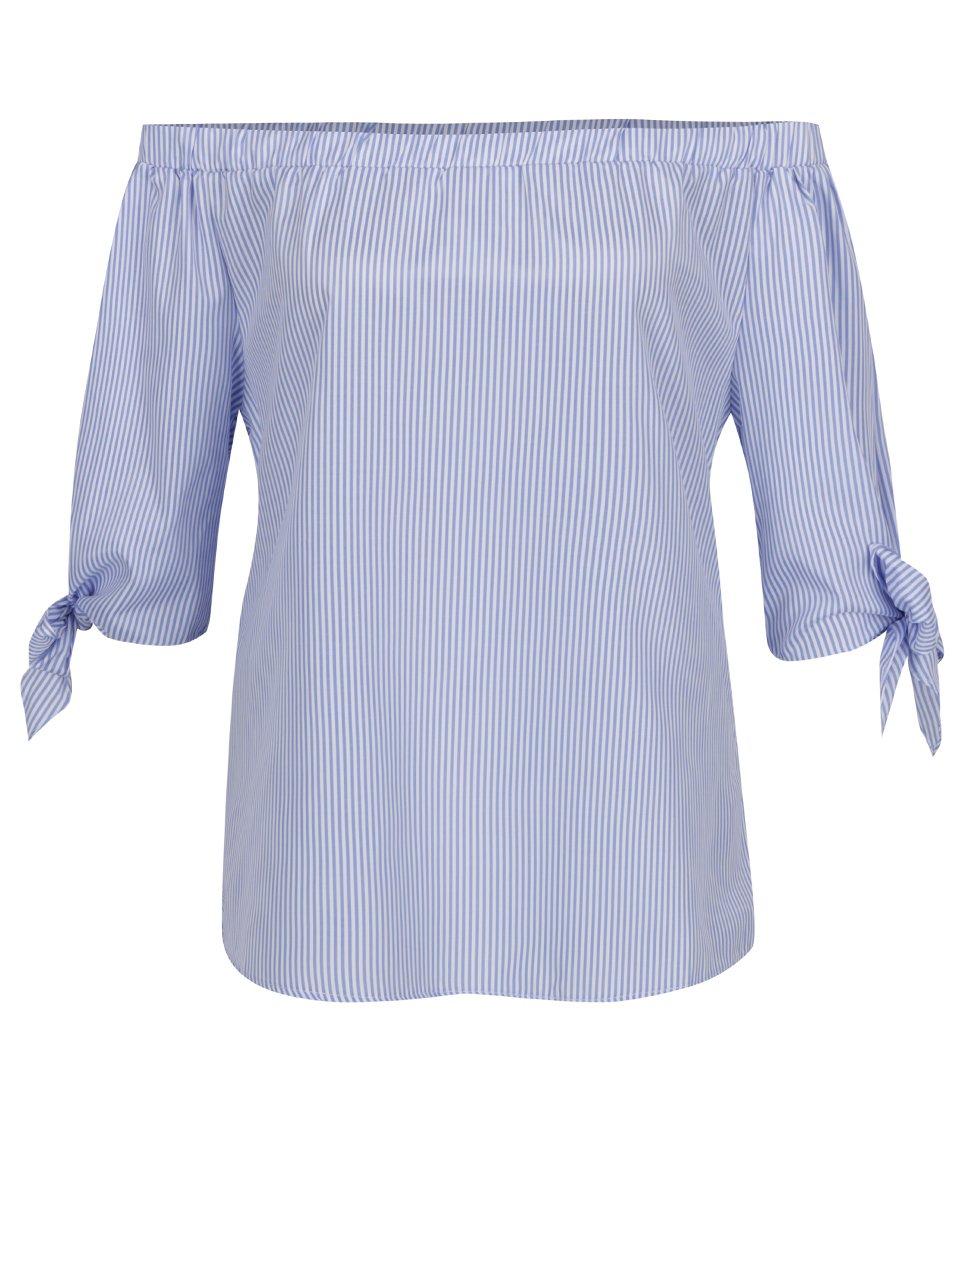 Modrá pruhovaná halenka s odhalenými rameny Haily´s Rinary